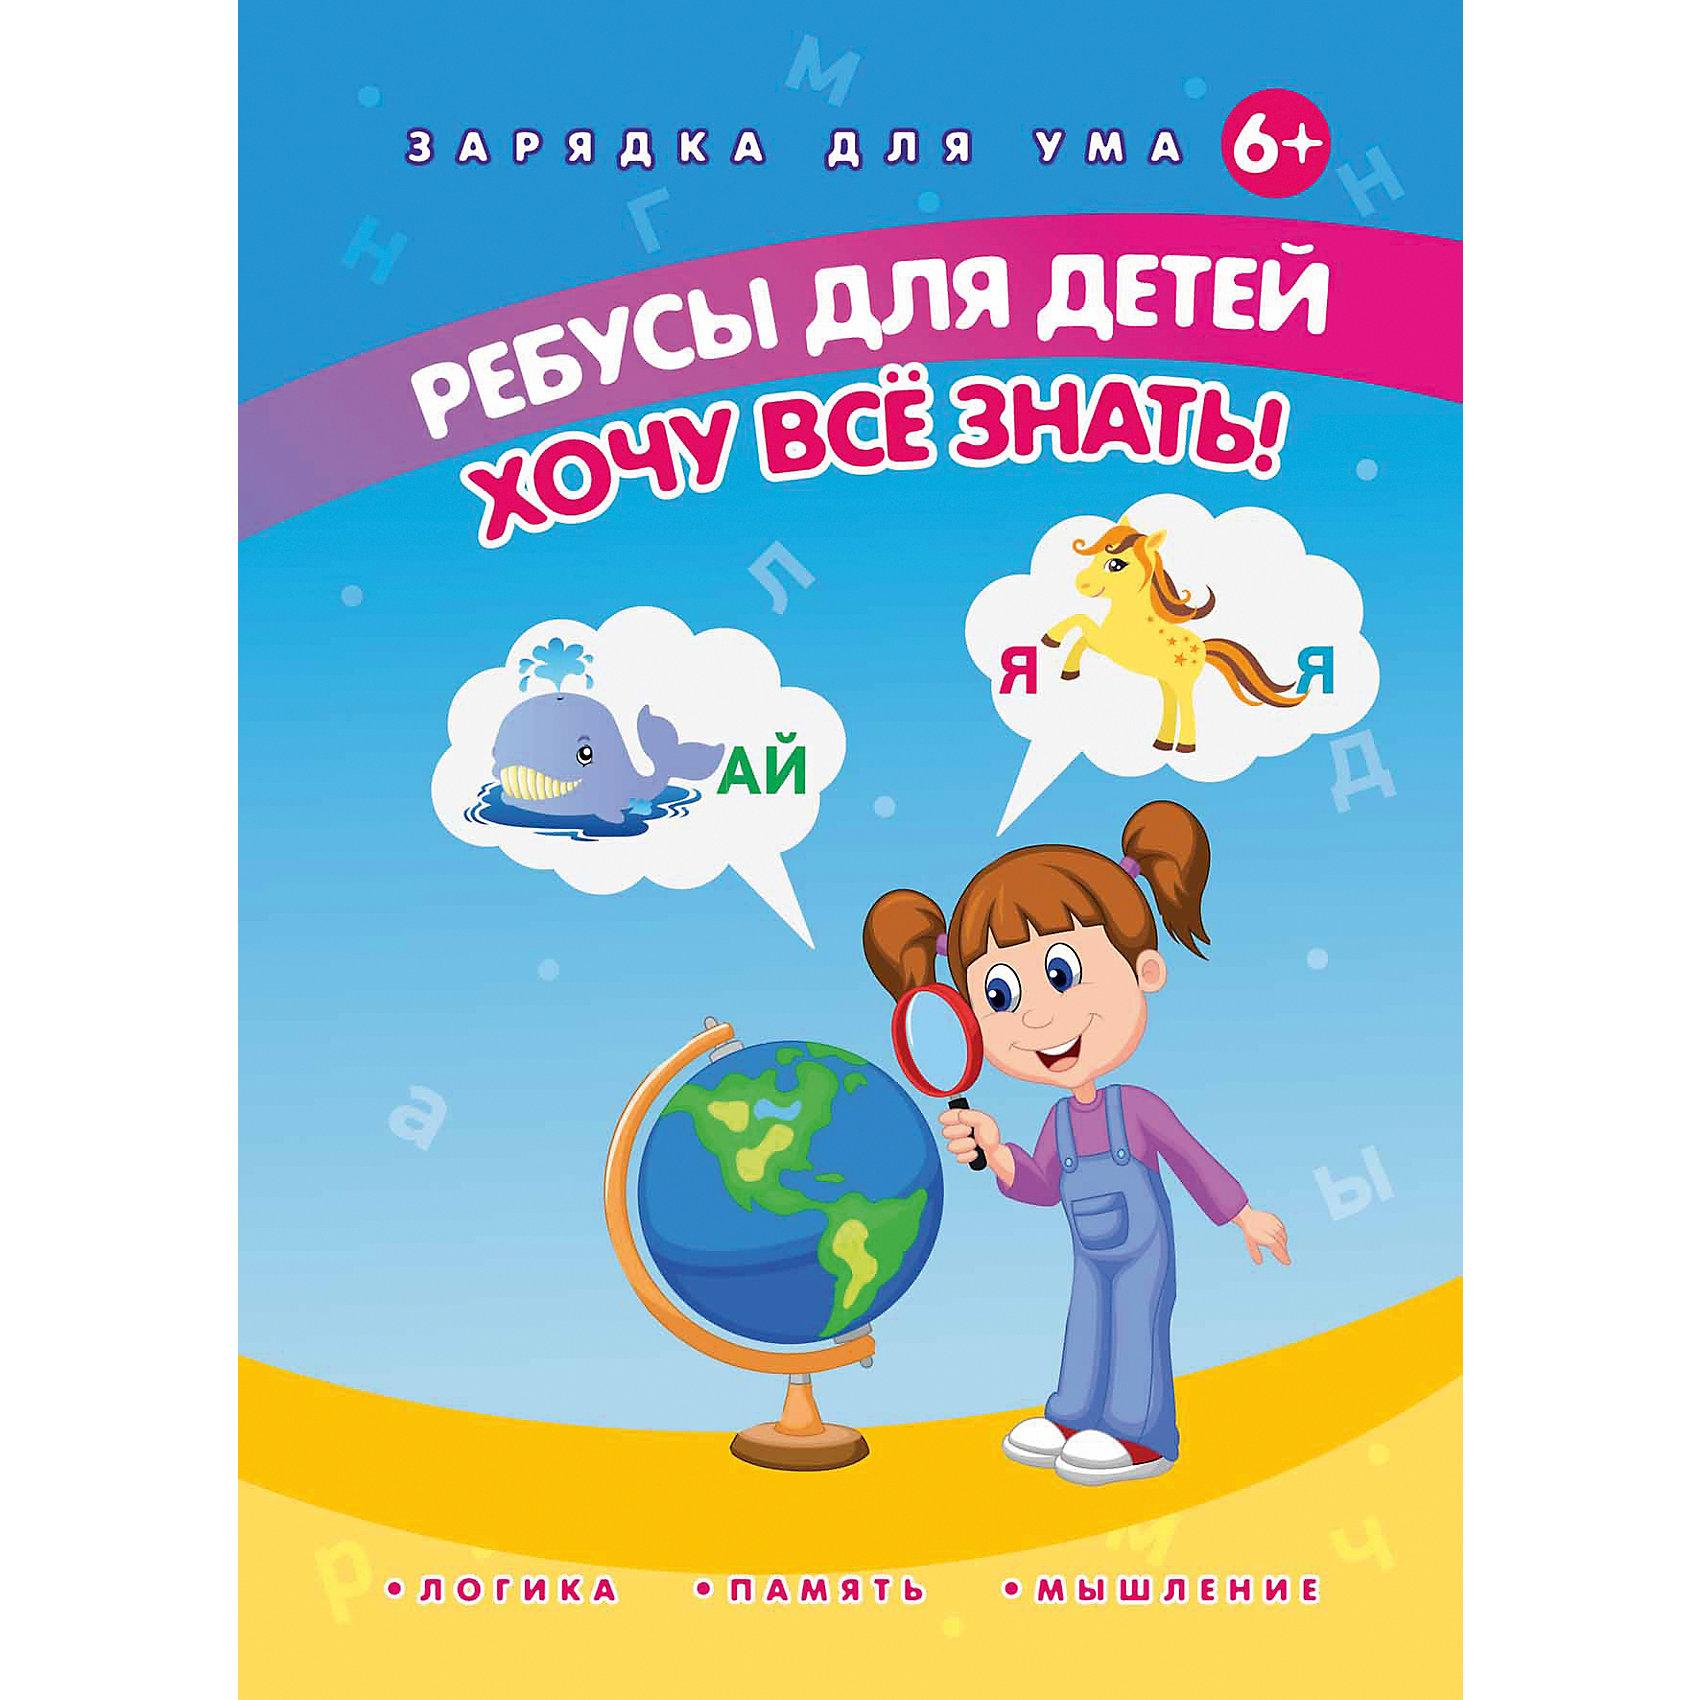 Ребусы для детей  Хочу все знать!Детям, которые только познакомились с буквами, сначала мы рекомендуем освоить книгу «Куда спрятались слова?» с простыми ребусами, состоящими из картинок и букв. Они подготовят ребёнка к разгадыванию более сложных головоломок в книге «Хочу всё знать!».<br>Р<br><br>Ширина мм: 289<br>Глубина мм: 204<br>Высота мм: 2<br>Вес г: 75<br>Возраст от месяцев: 12<br>Возраст до месяцев: 60<br>Пол: Унисекс<br>Возраст: Детский<br>SKU: 5120104